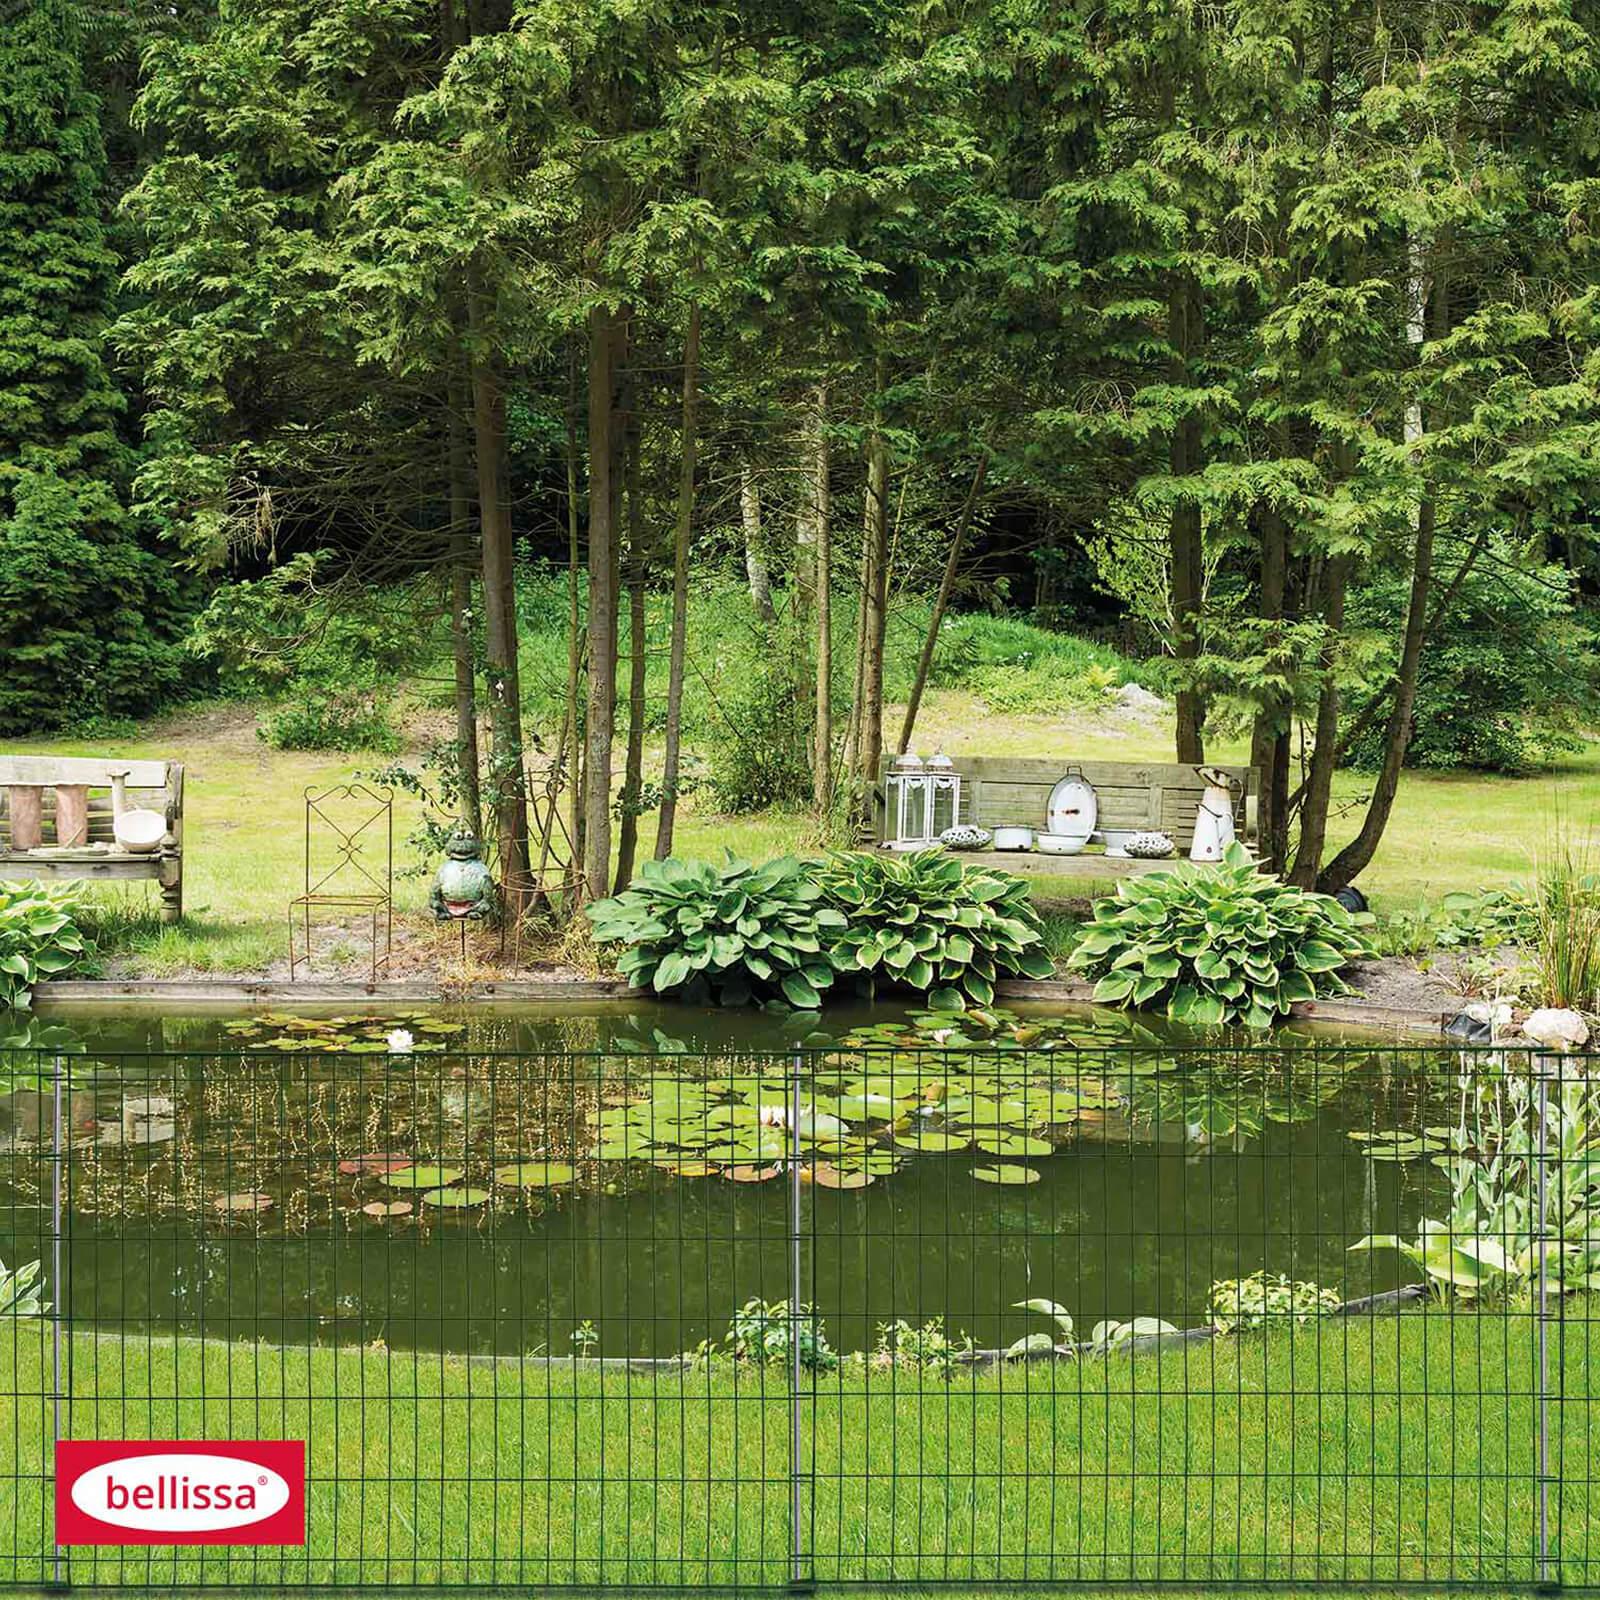 bellissa Teichschutzzaun Kleintiergehege ohne Schnörkel 116 x 80 cm Zaun Ambient 92853